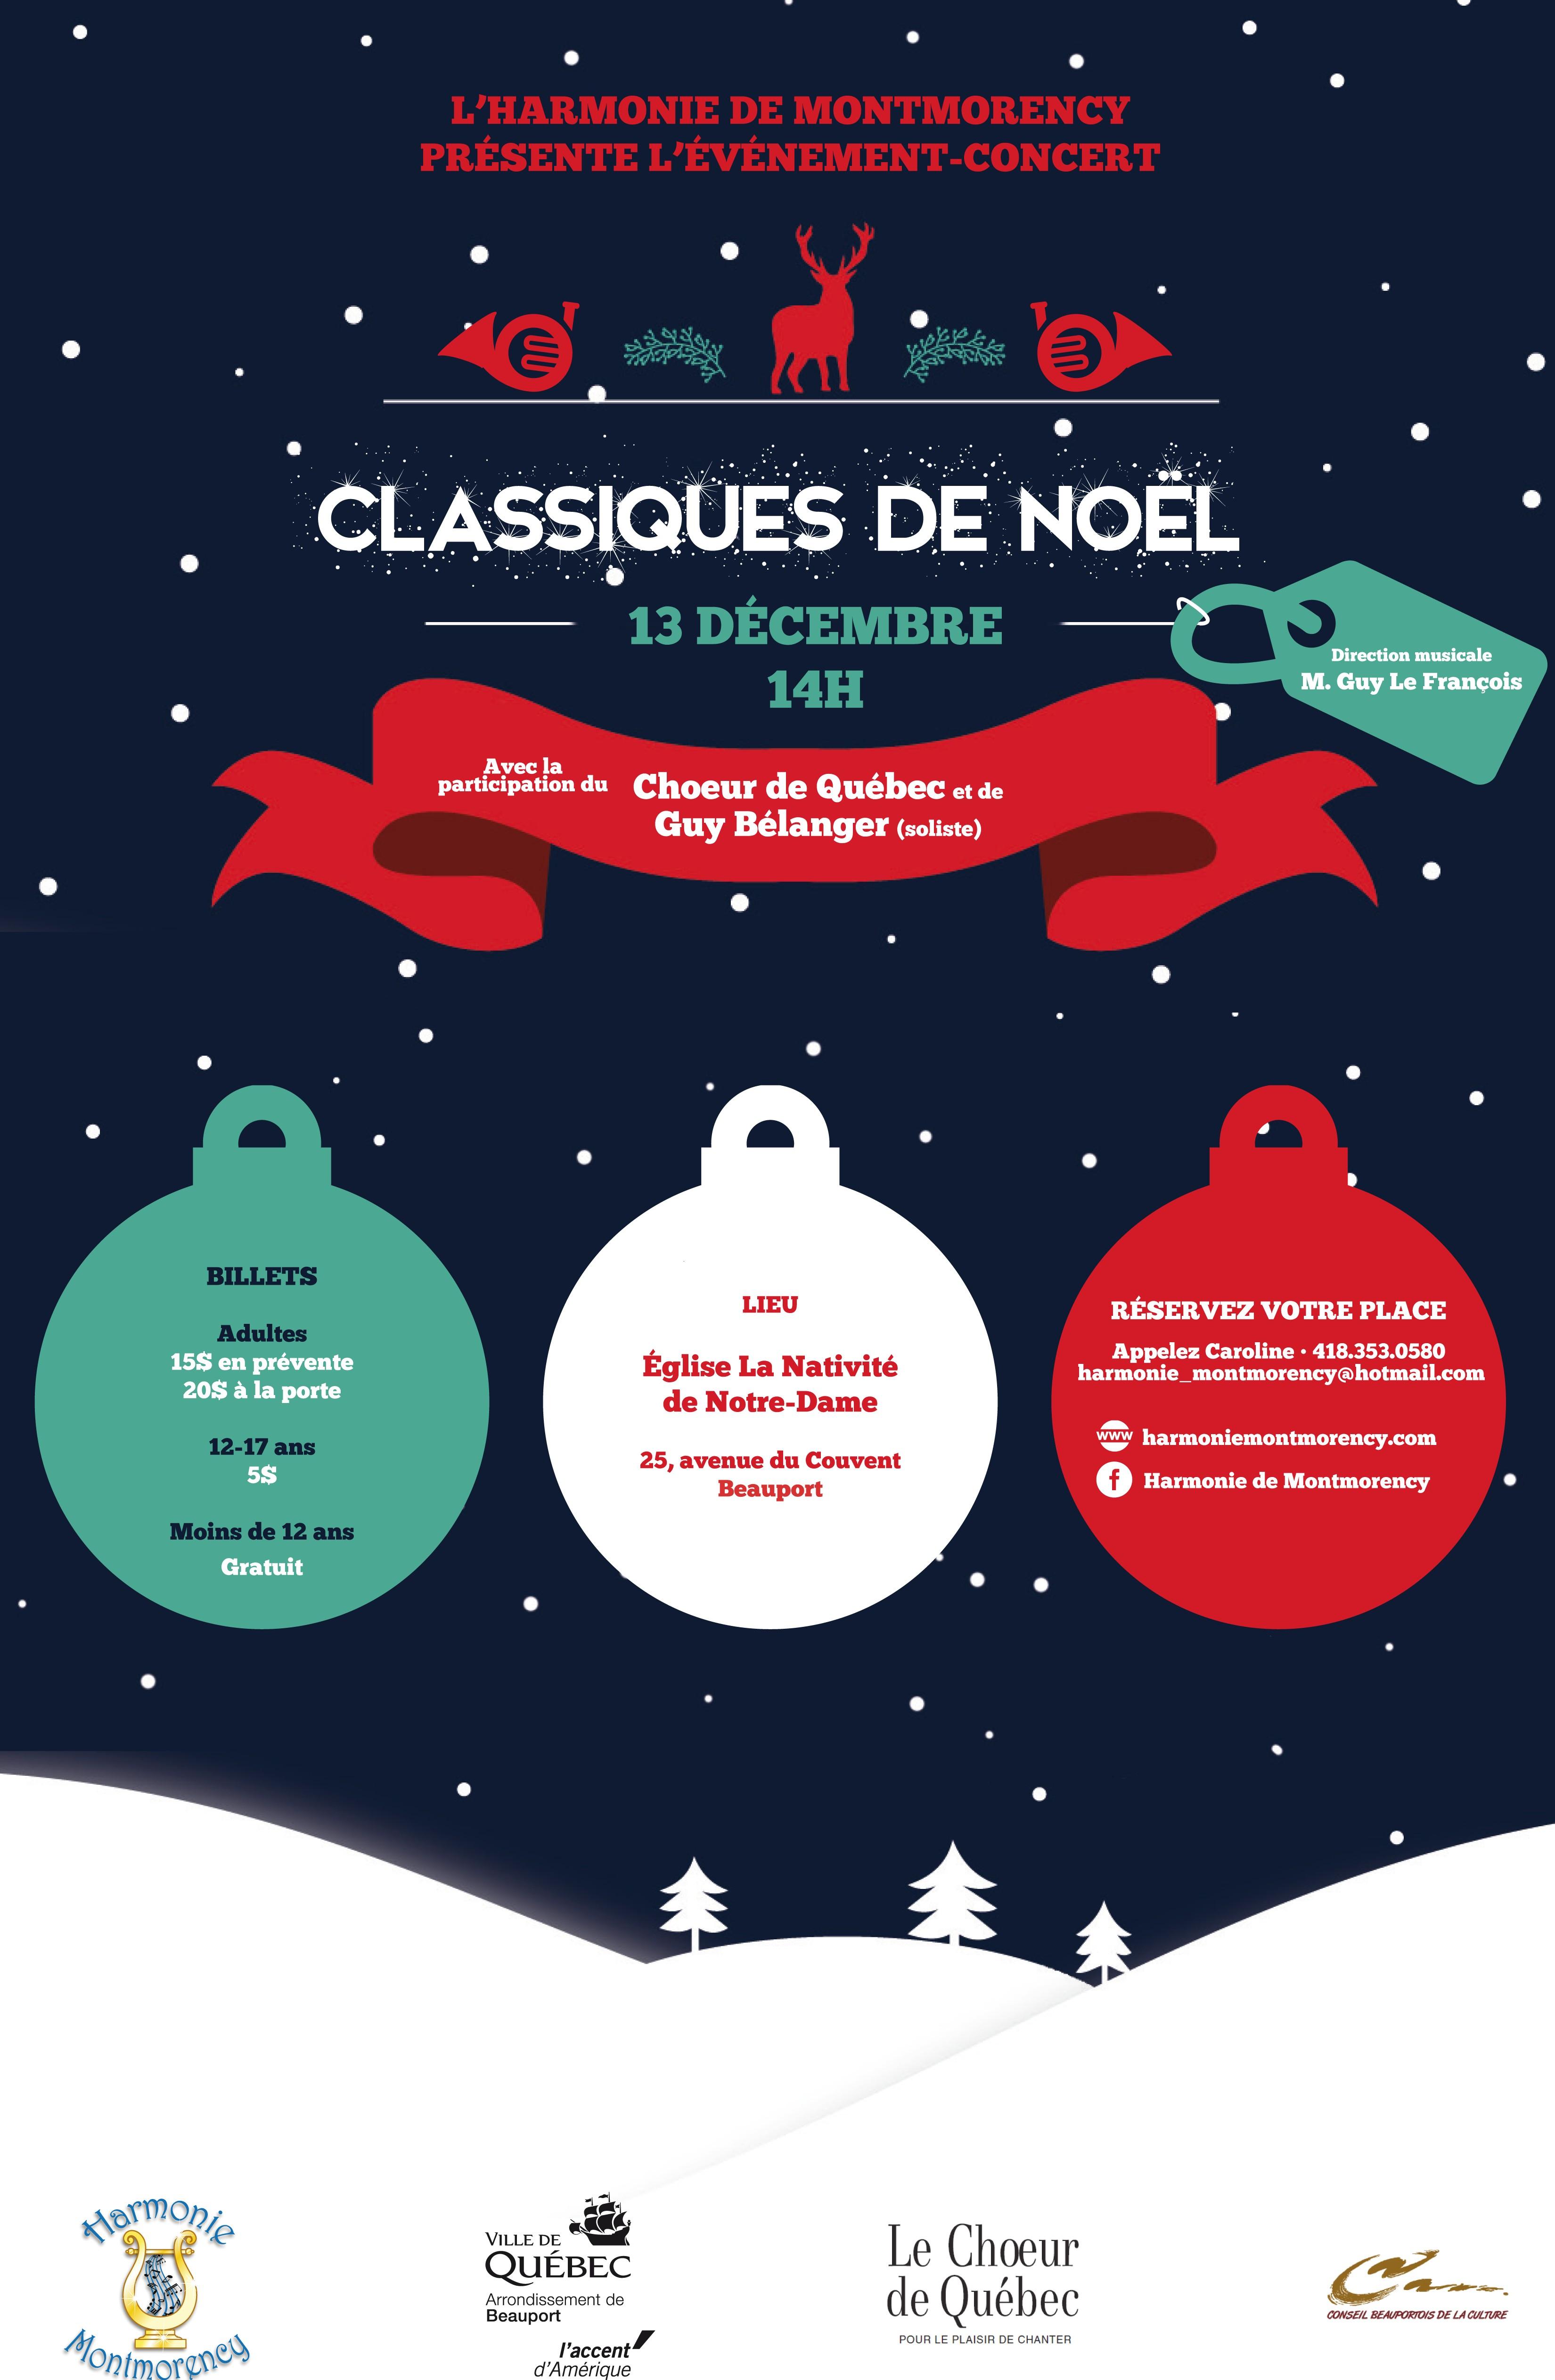 affiche noel Concert de Noël : Billets! | Harmonie de Montmorency, Québec affiche noel